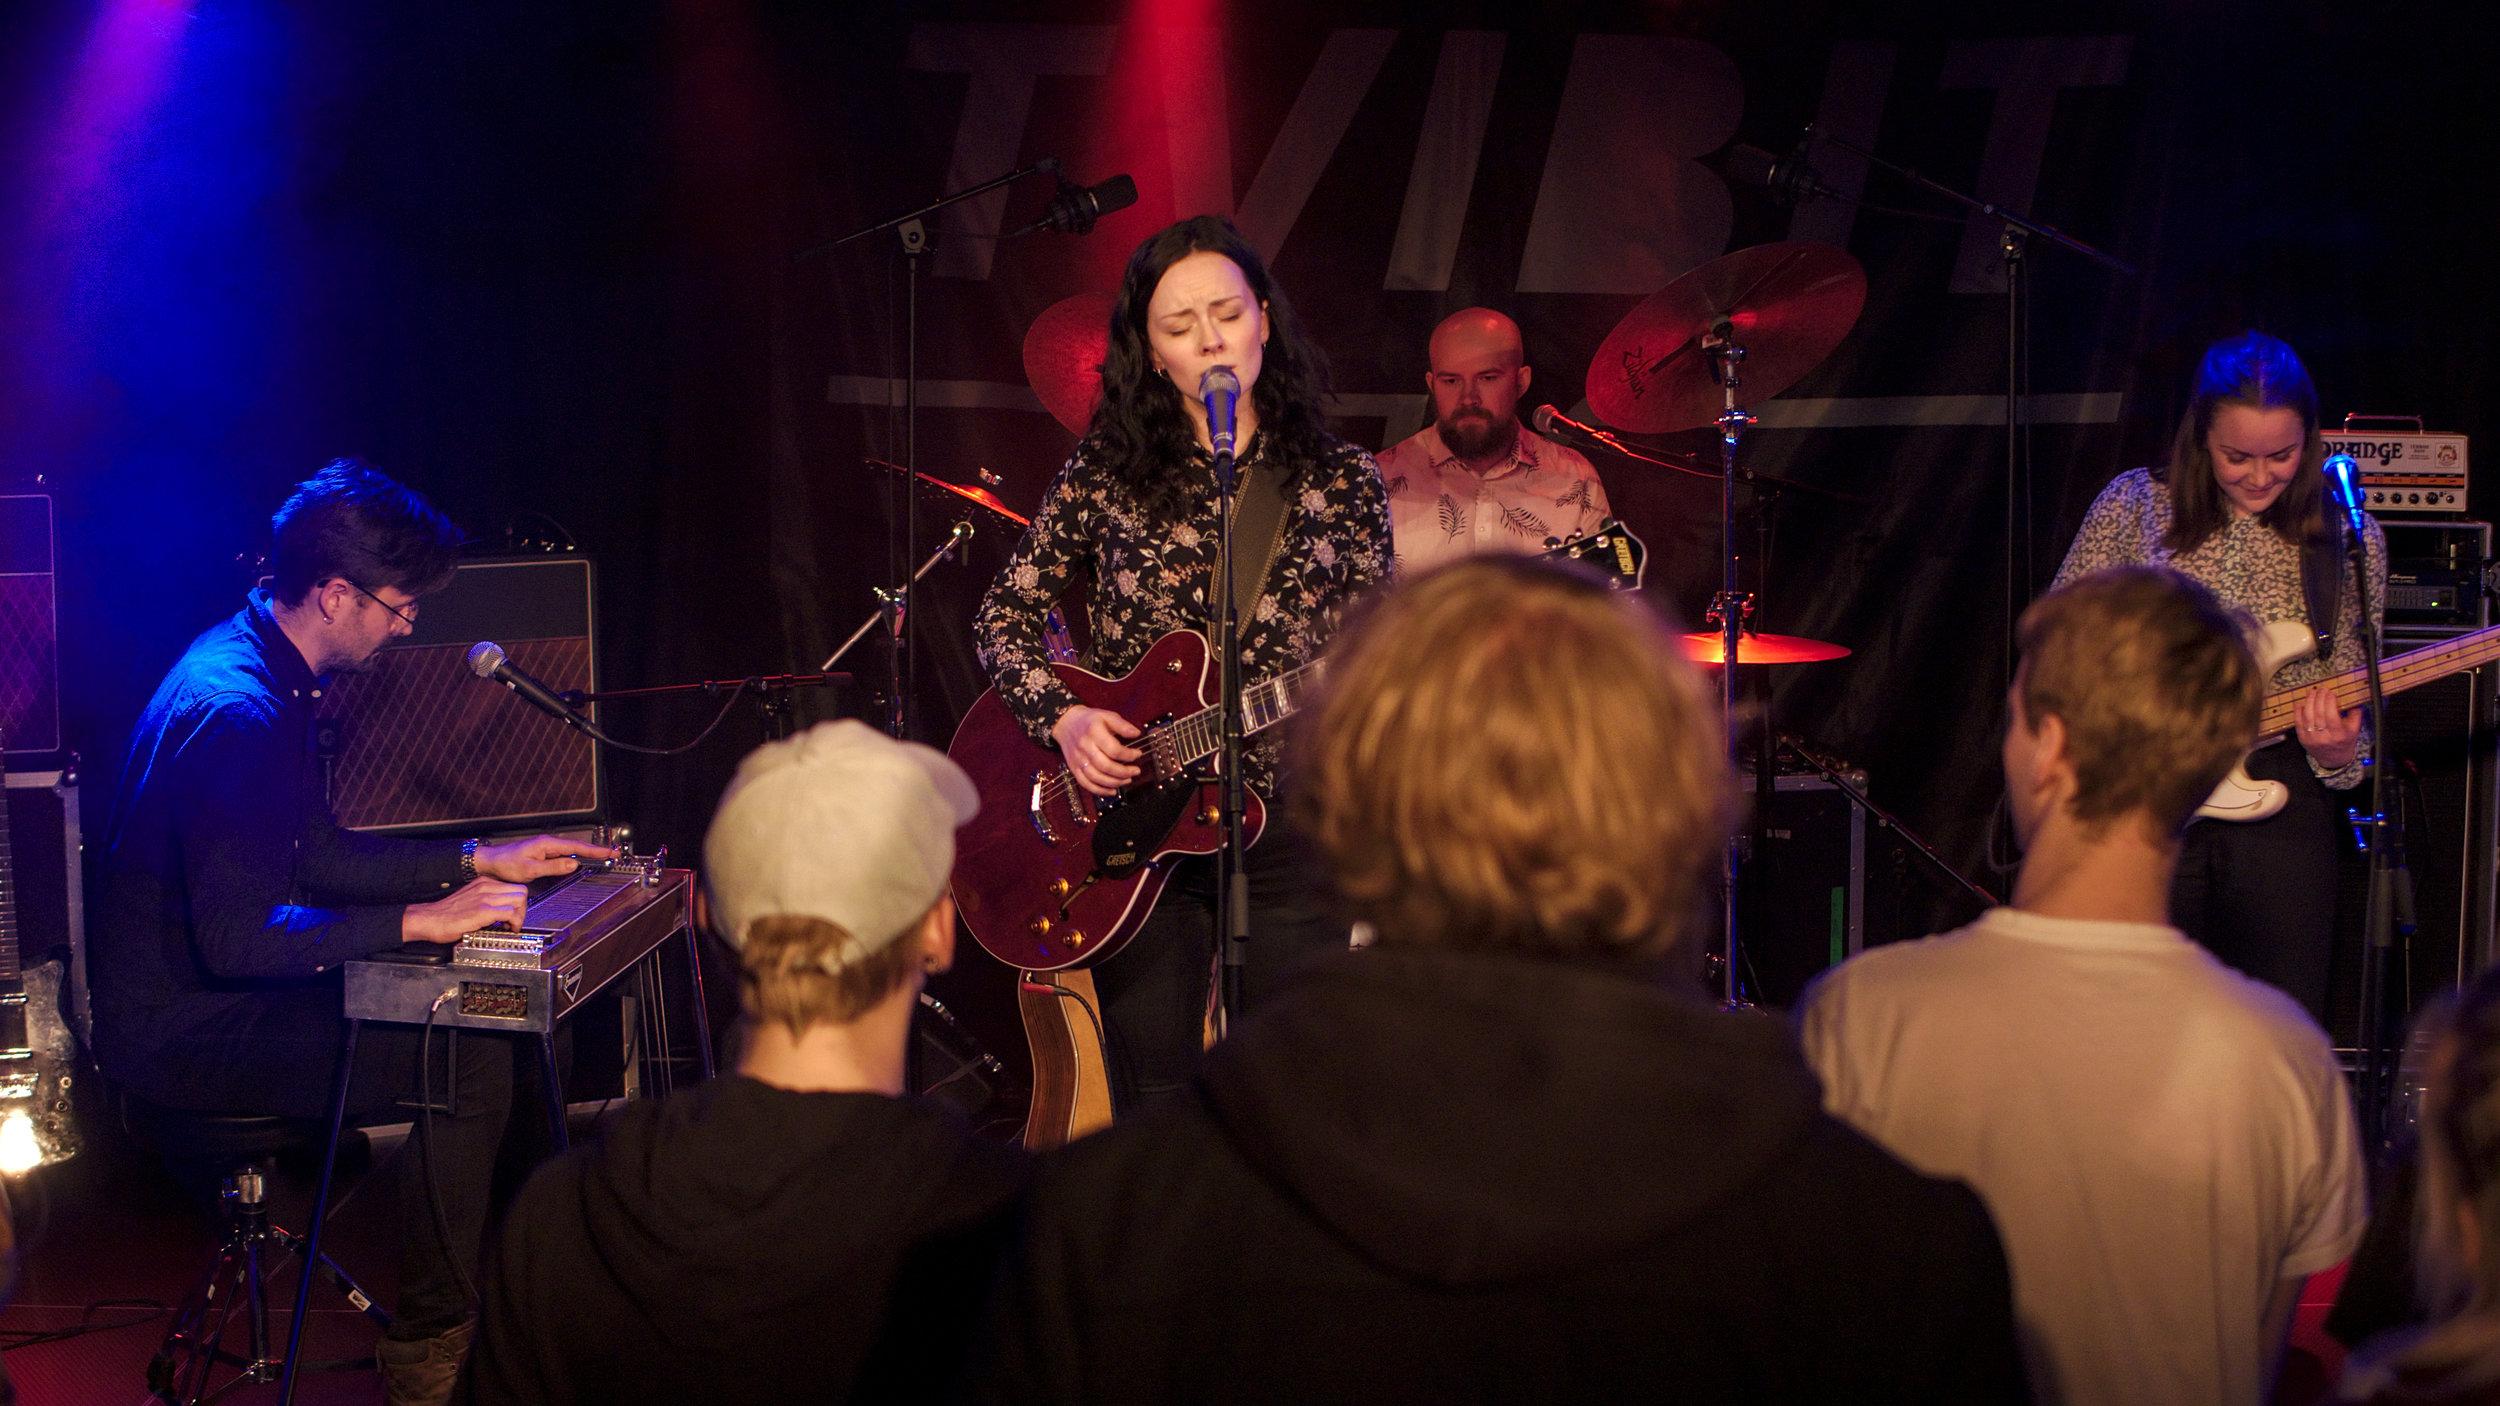 Hollow hearts konsert på Tvibit 12.12.18